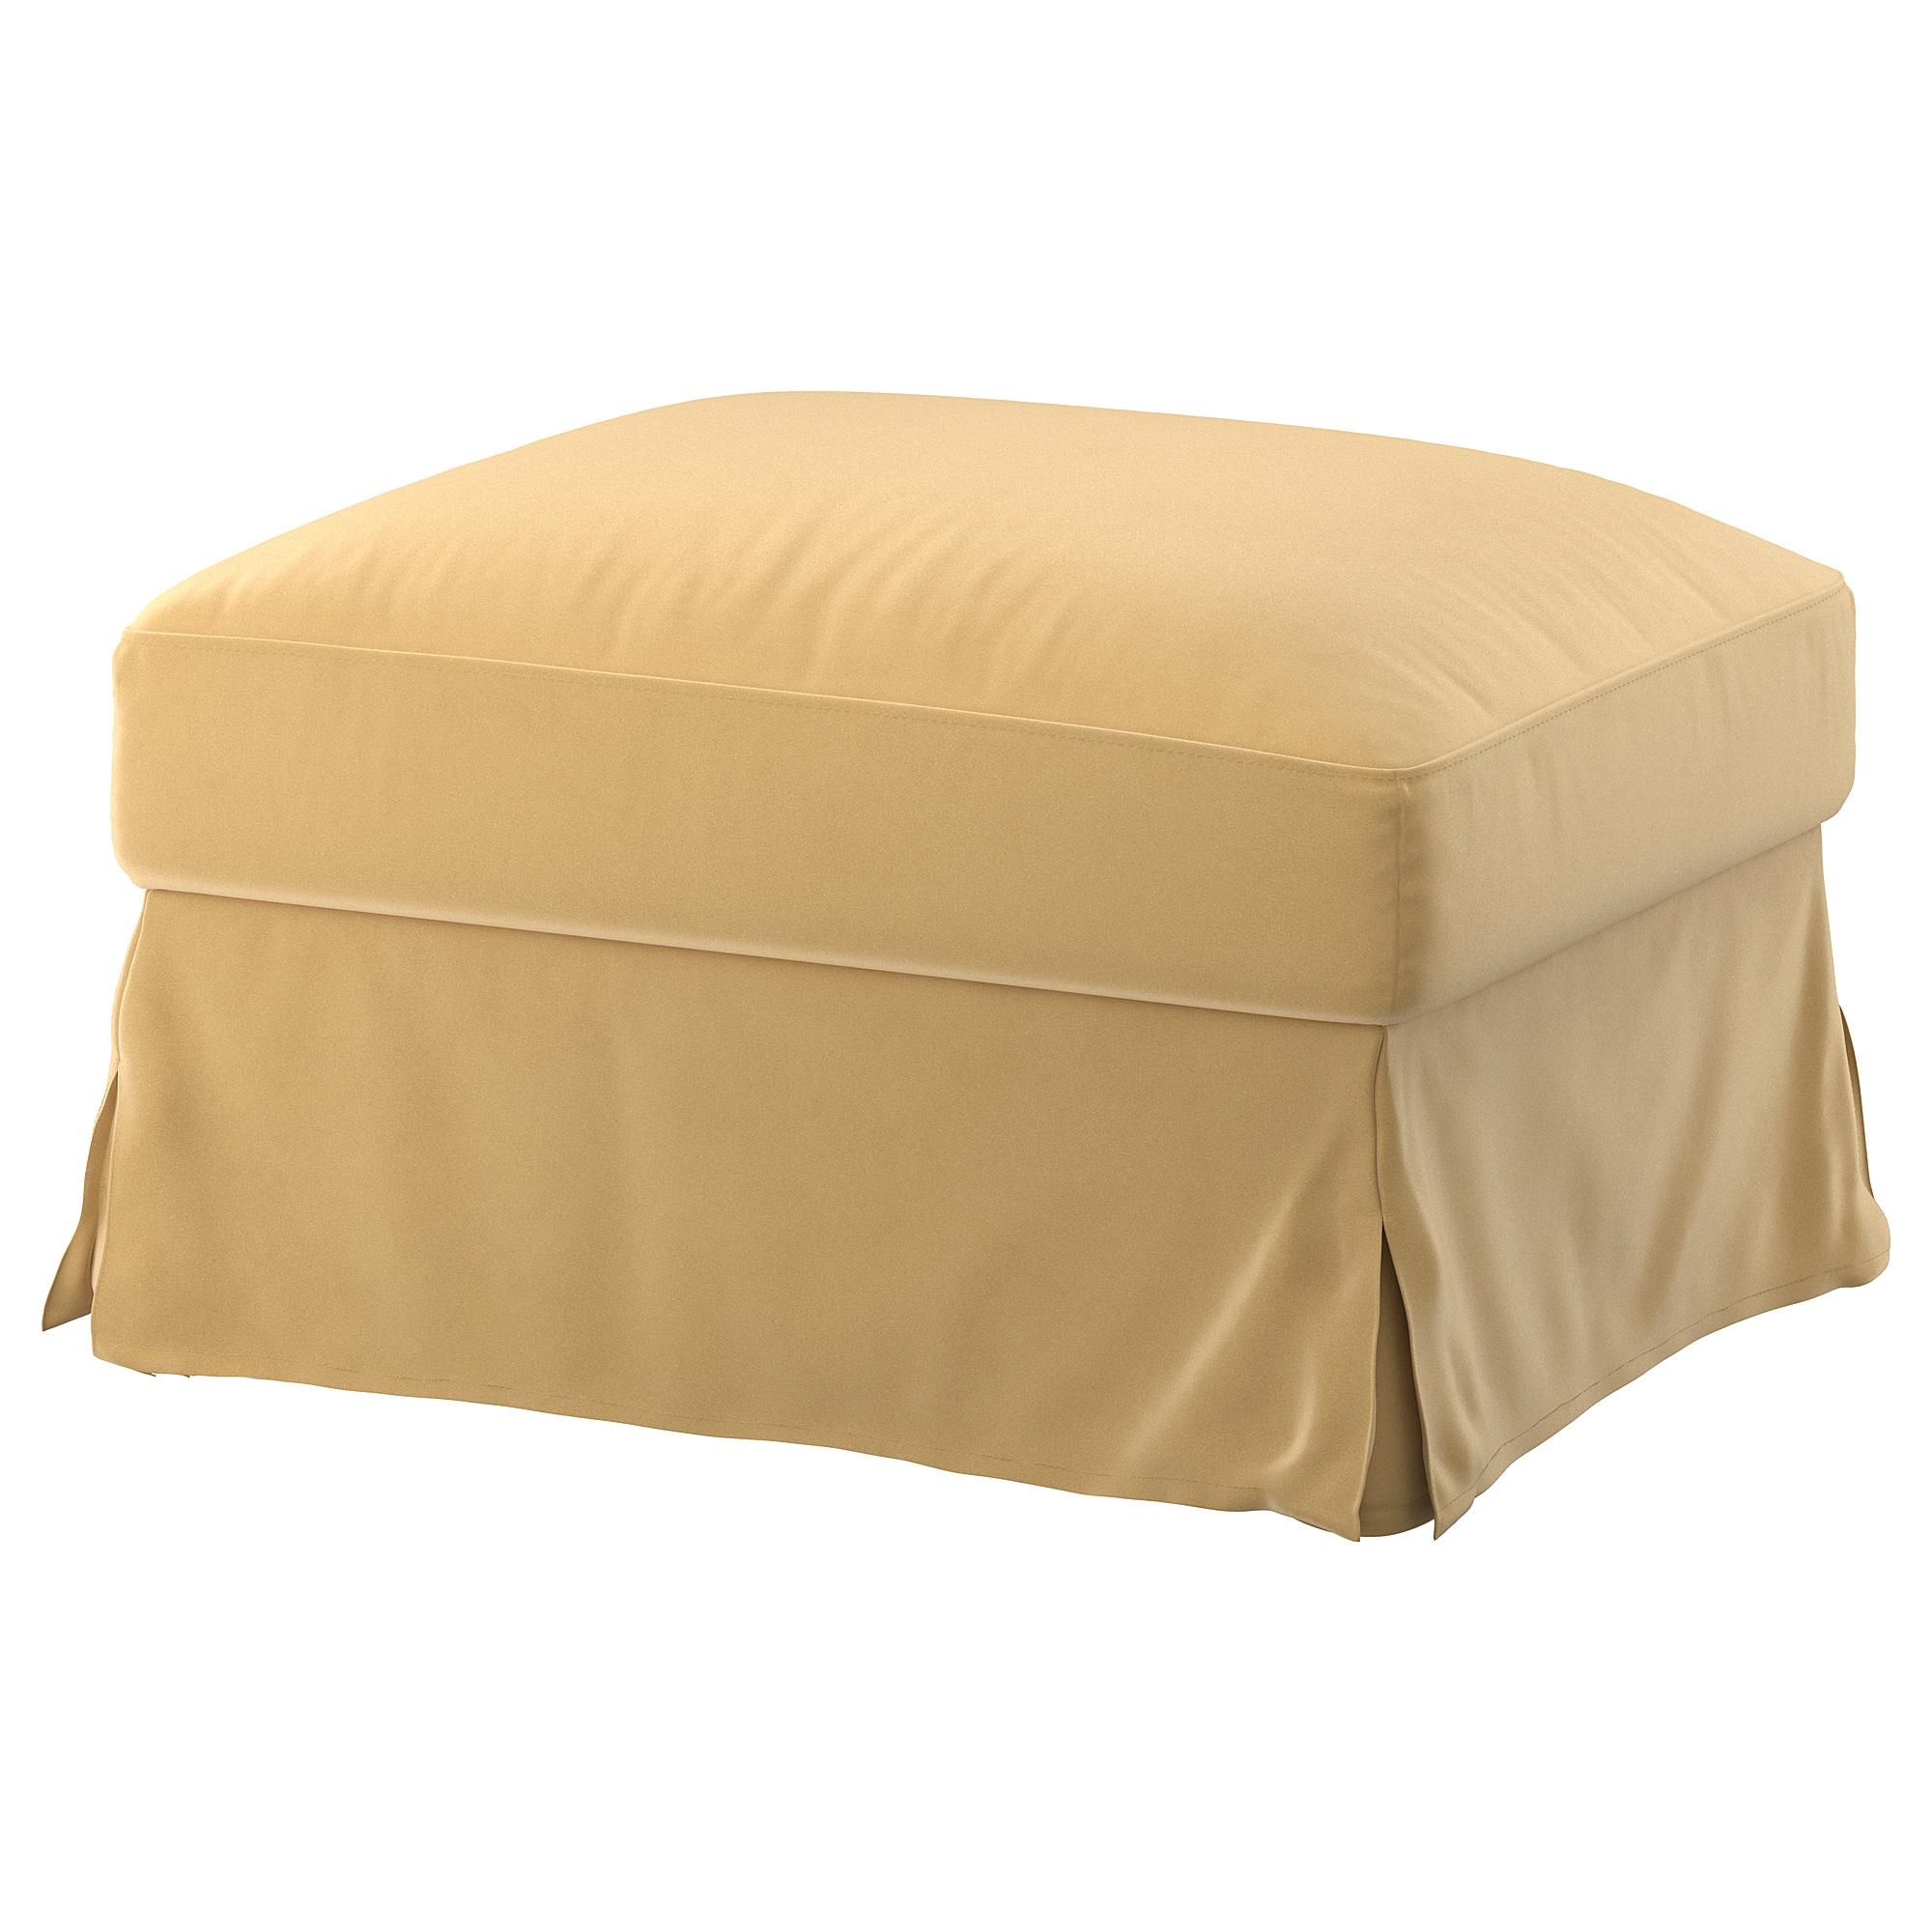 FÄRLÖV reposapiés con almacenaje + funda footstool Djuparp beige dorado